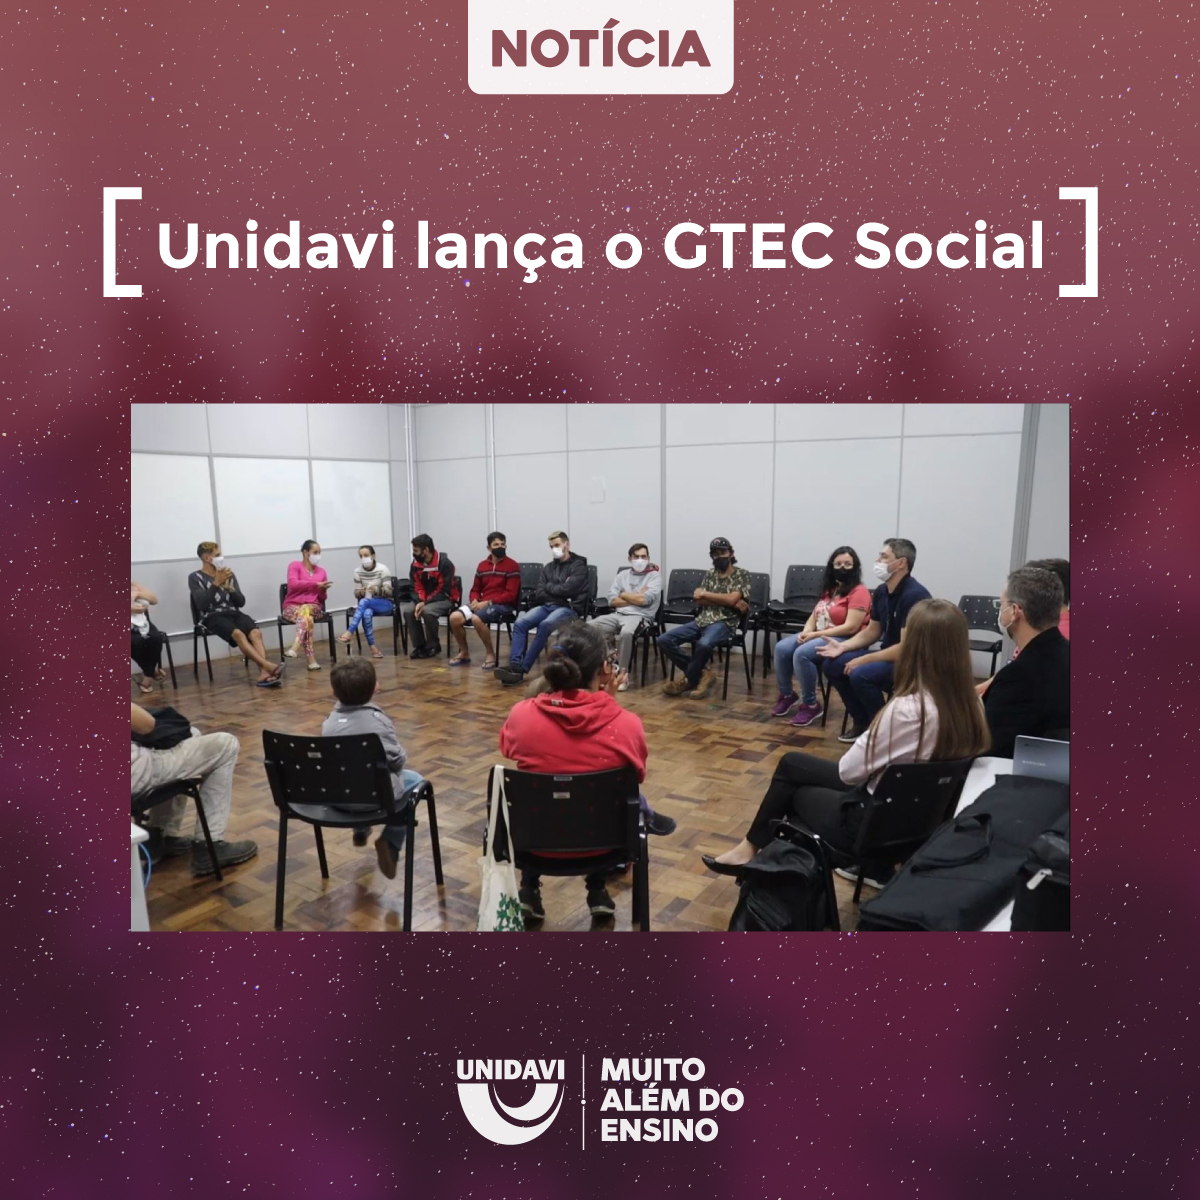 Unidavi lança o GTEC Social